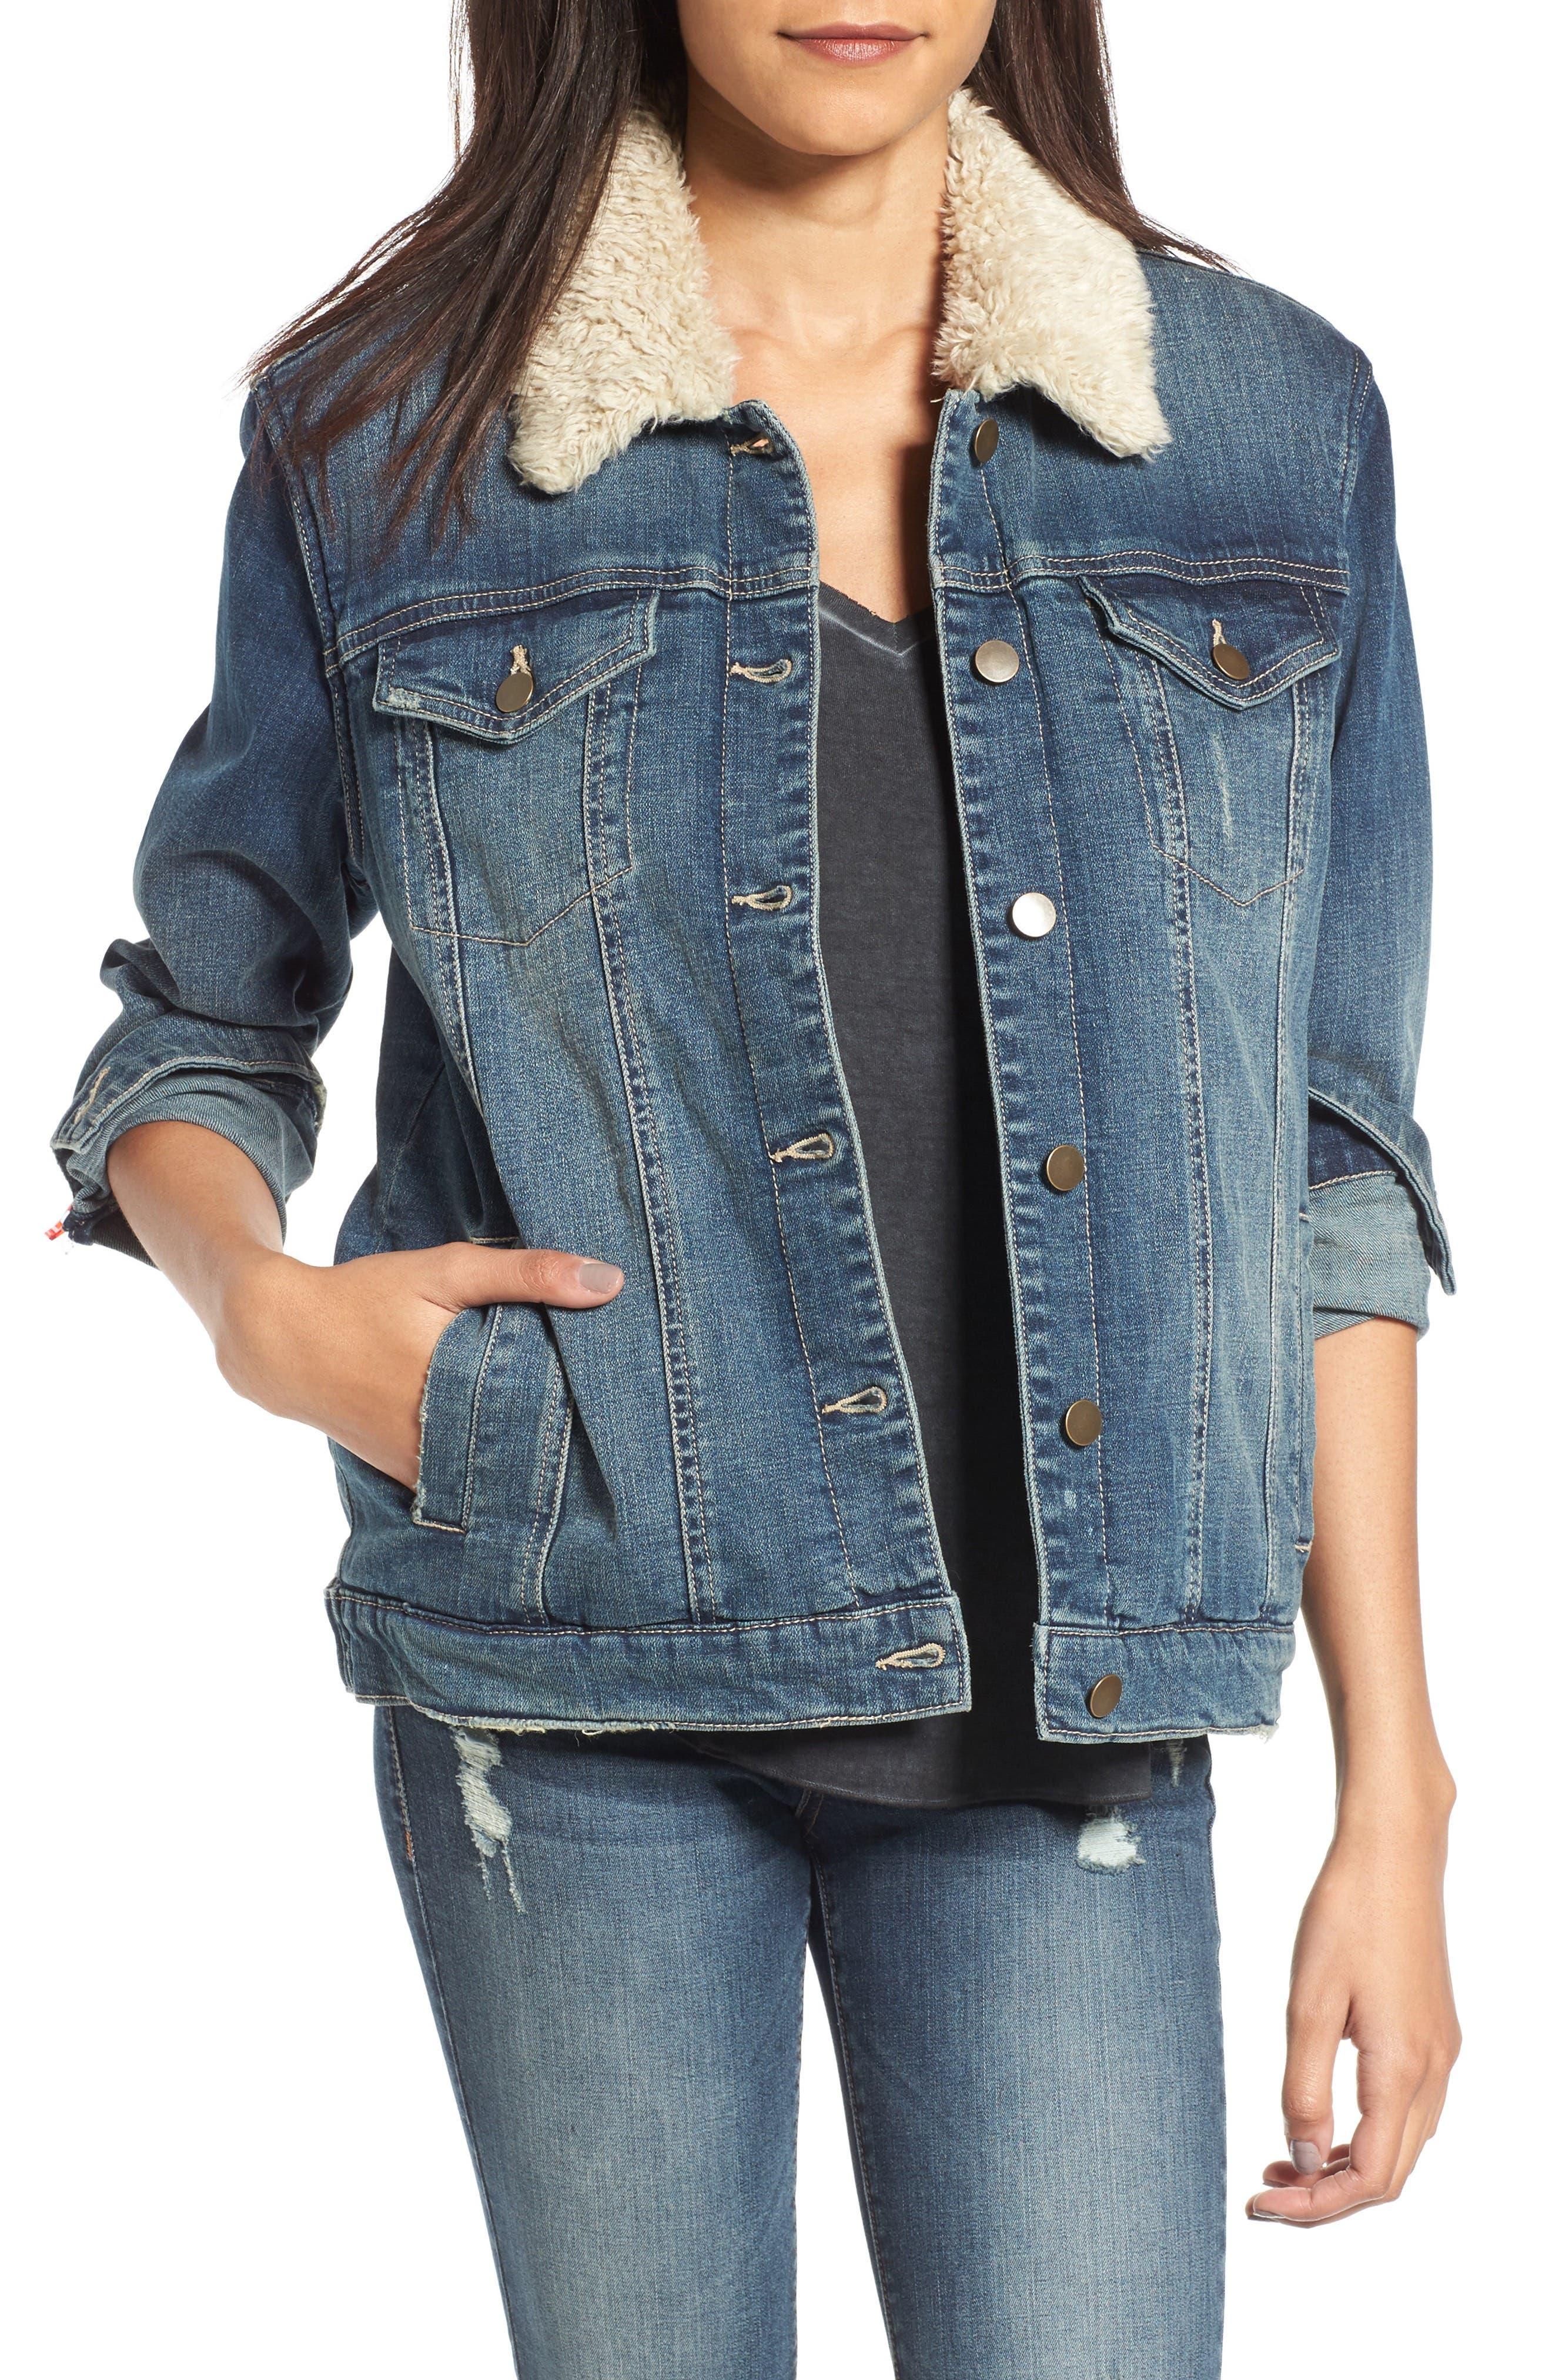 Alternate Image 1 Selected - BP. Faux Shearling Collar Denim Jacket